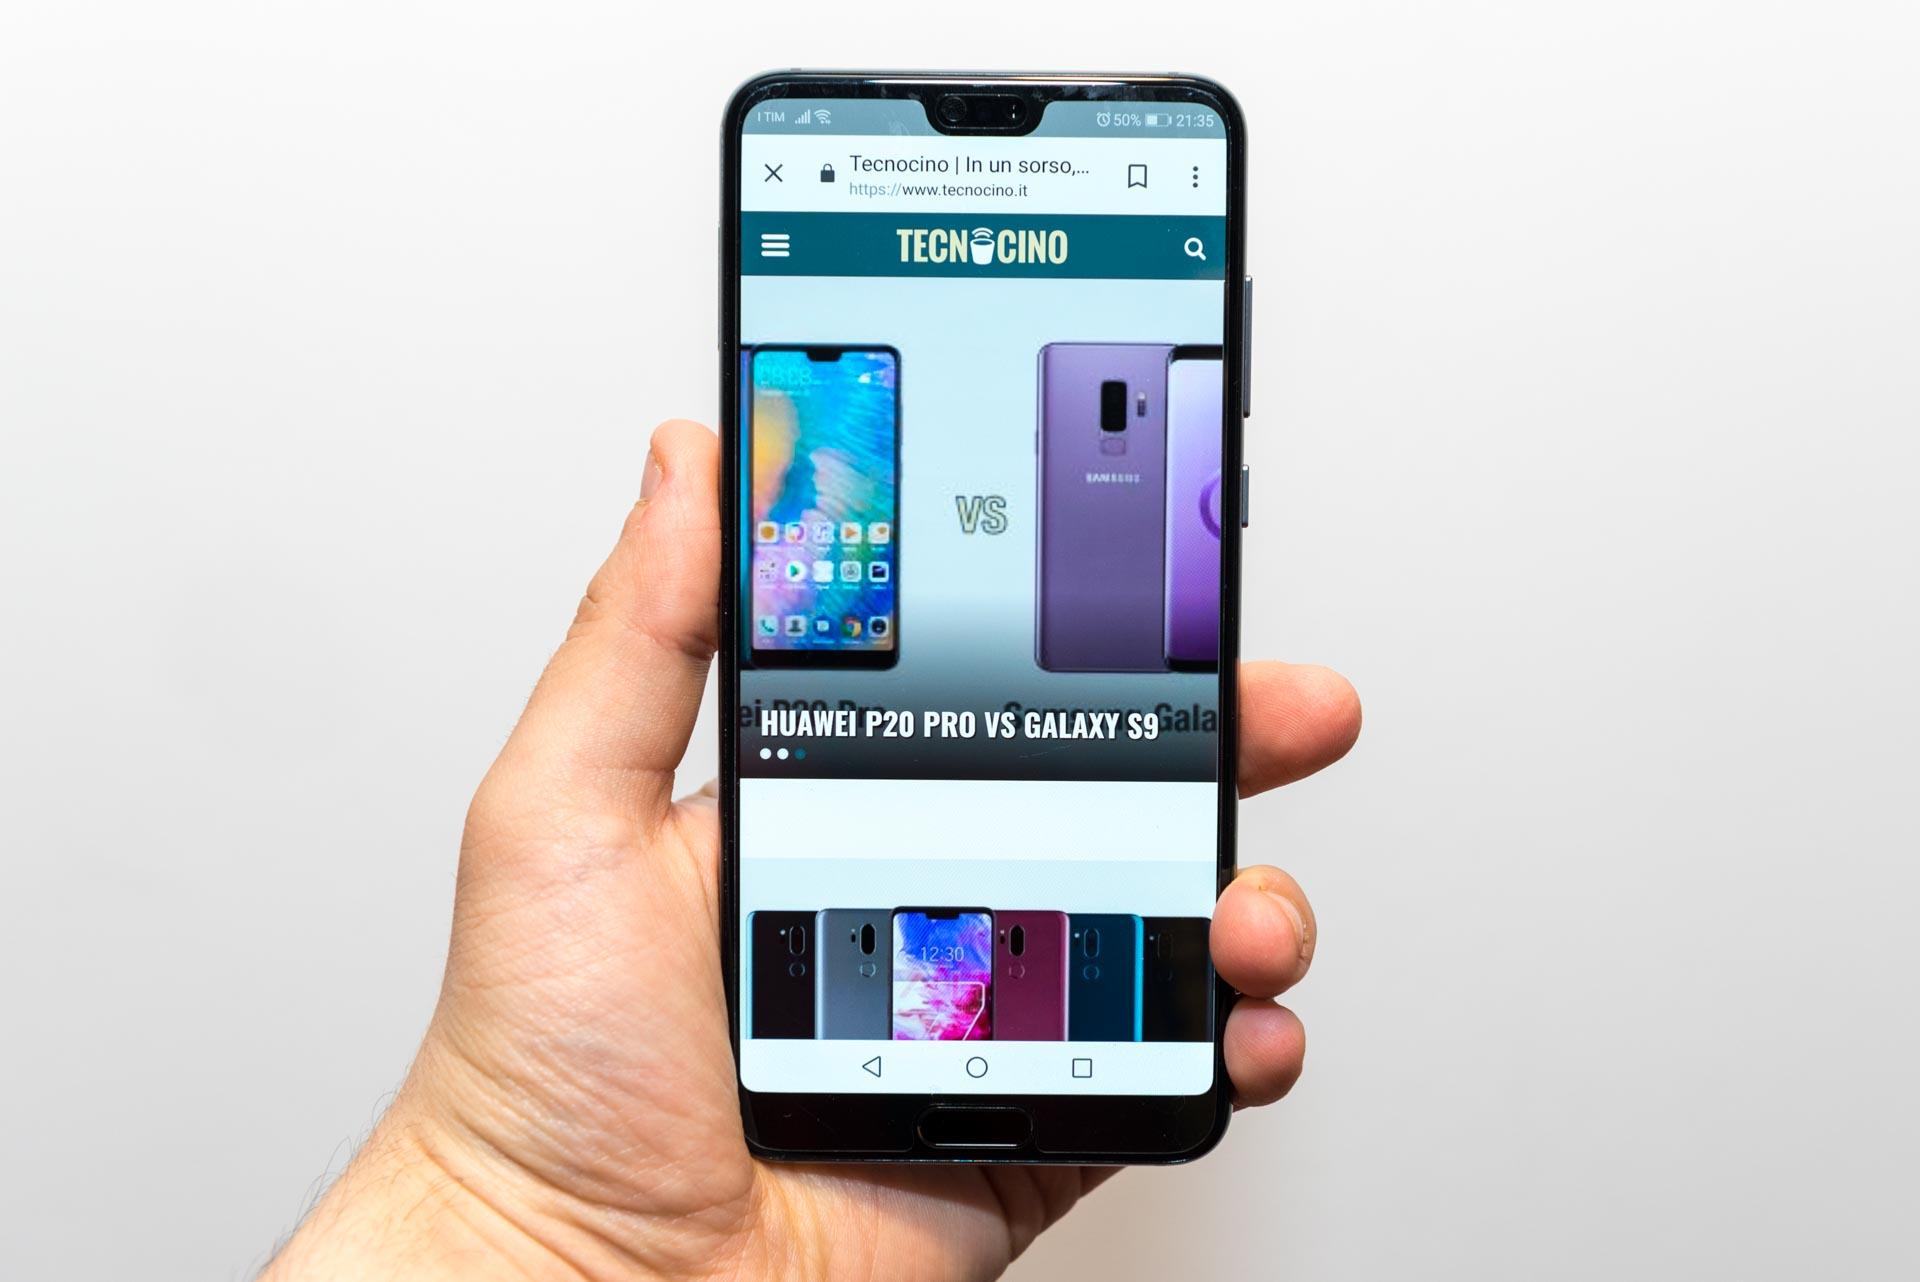 Huawei P20 Pro recensione: le prestazioni e l'esperienza di utilizzo